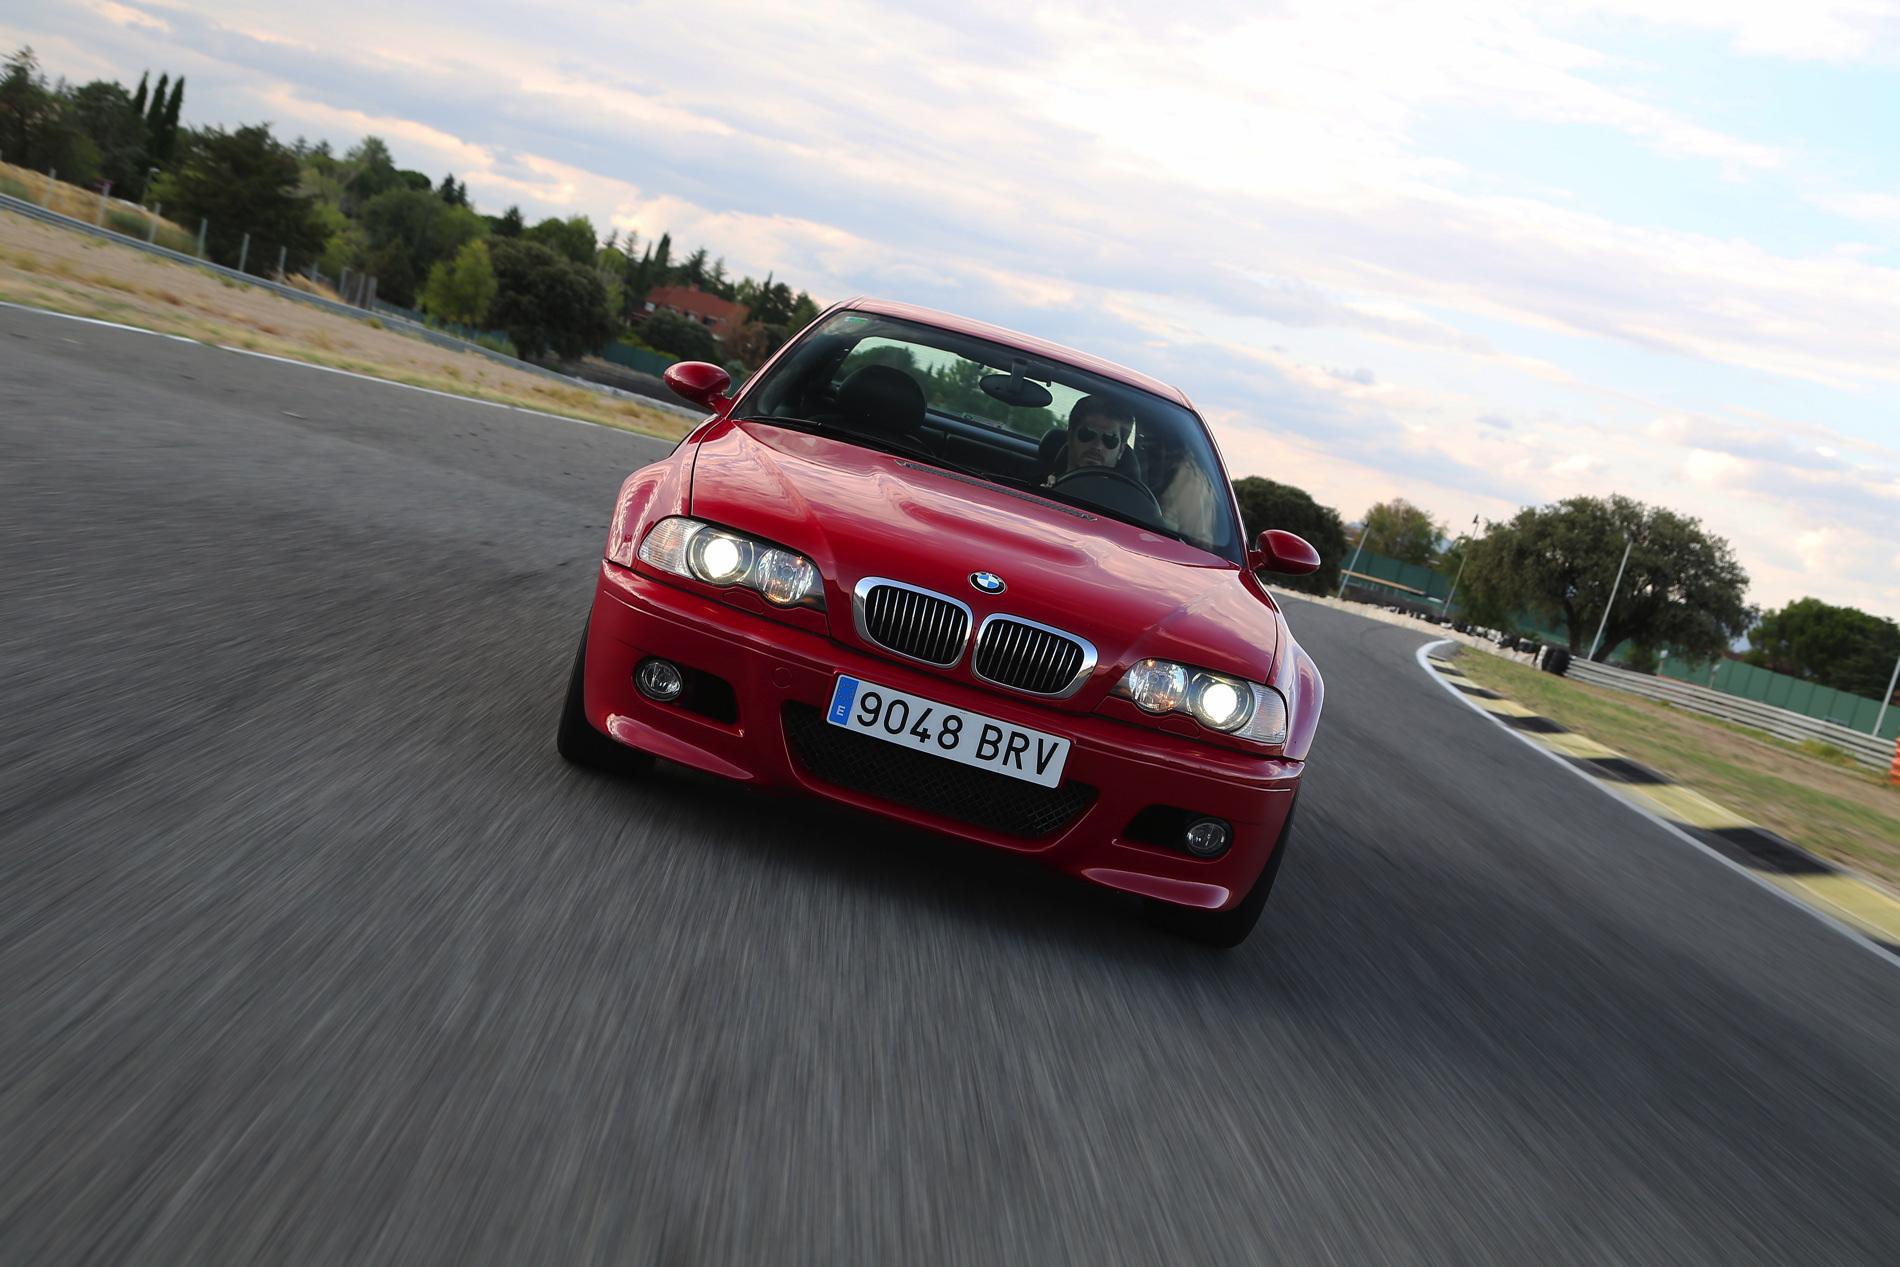 BMW M3 E46 track images 5